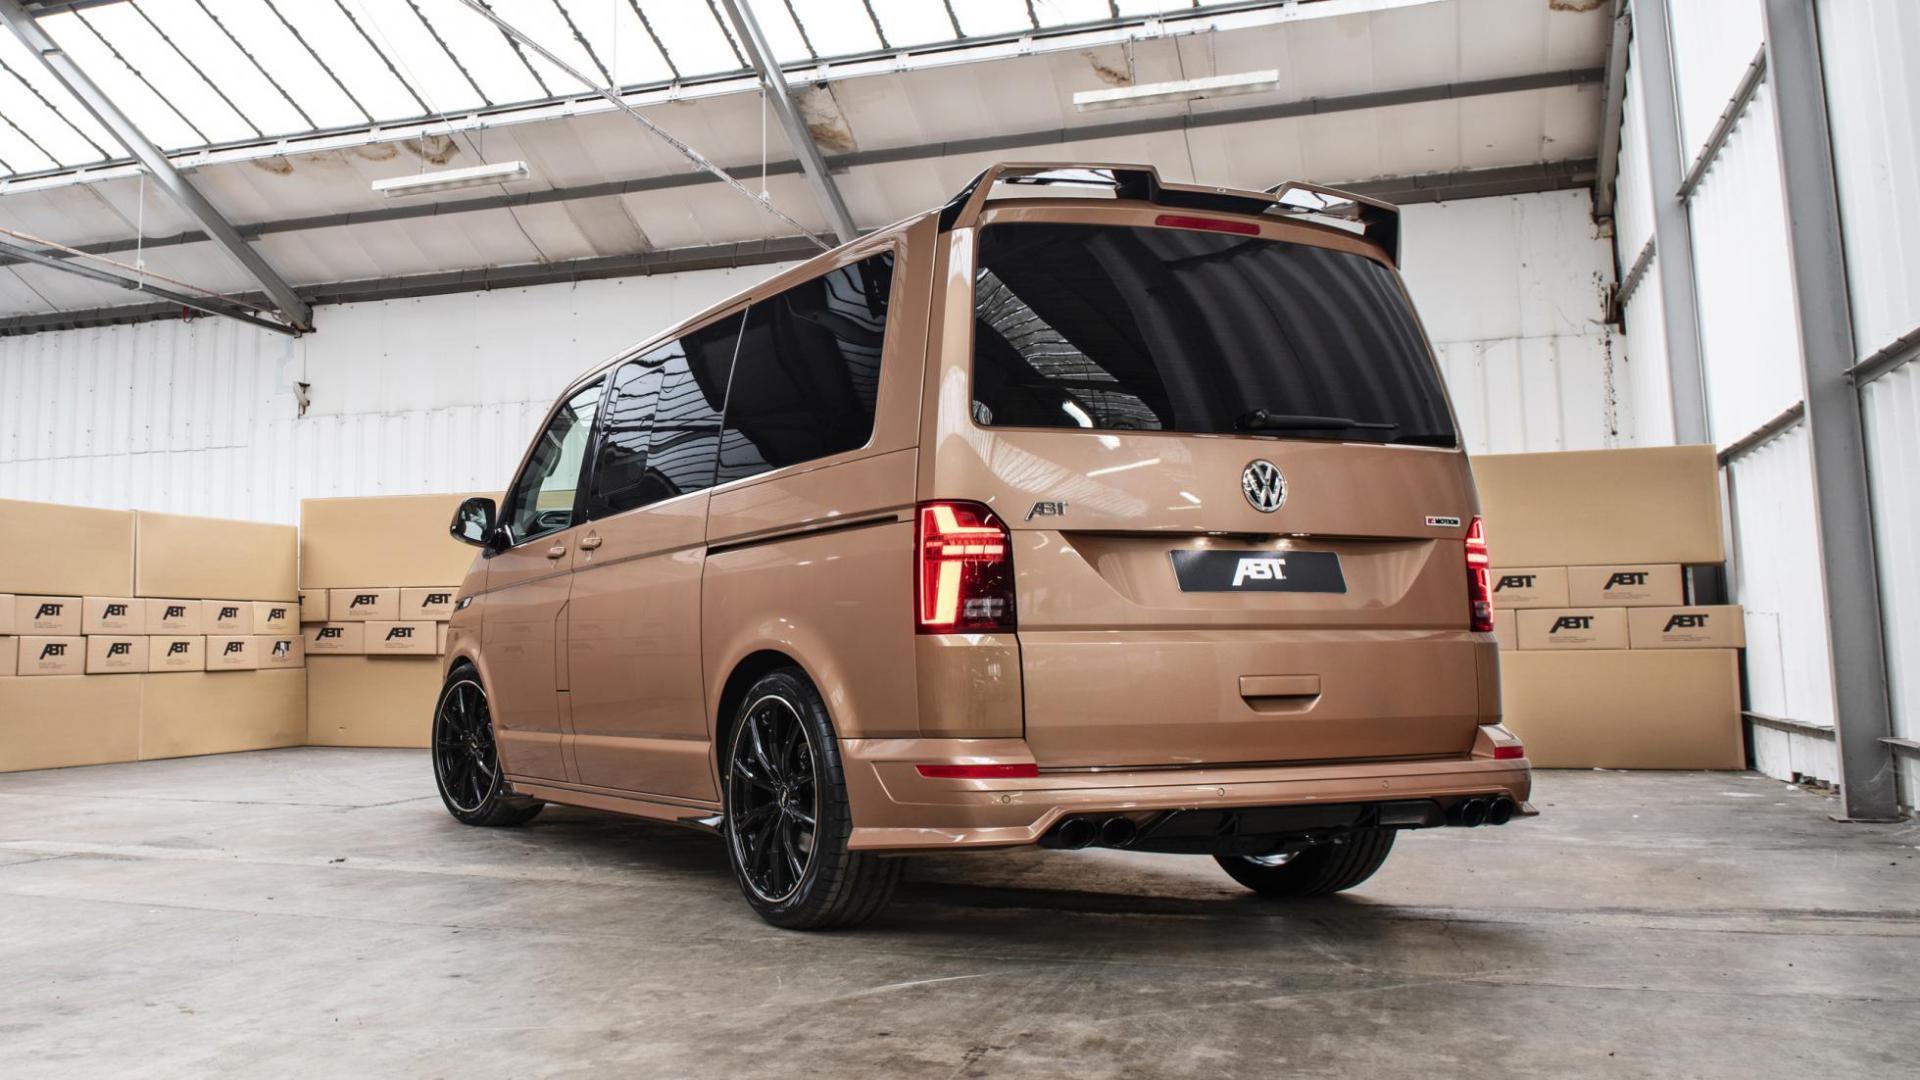 Abt Volkswagen Transporter Bumpers